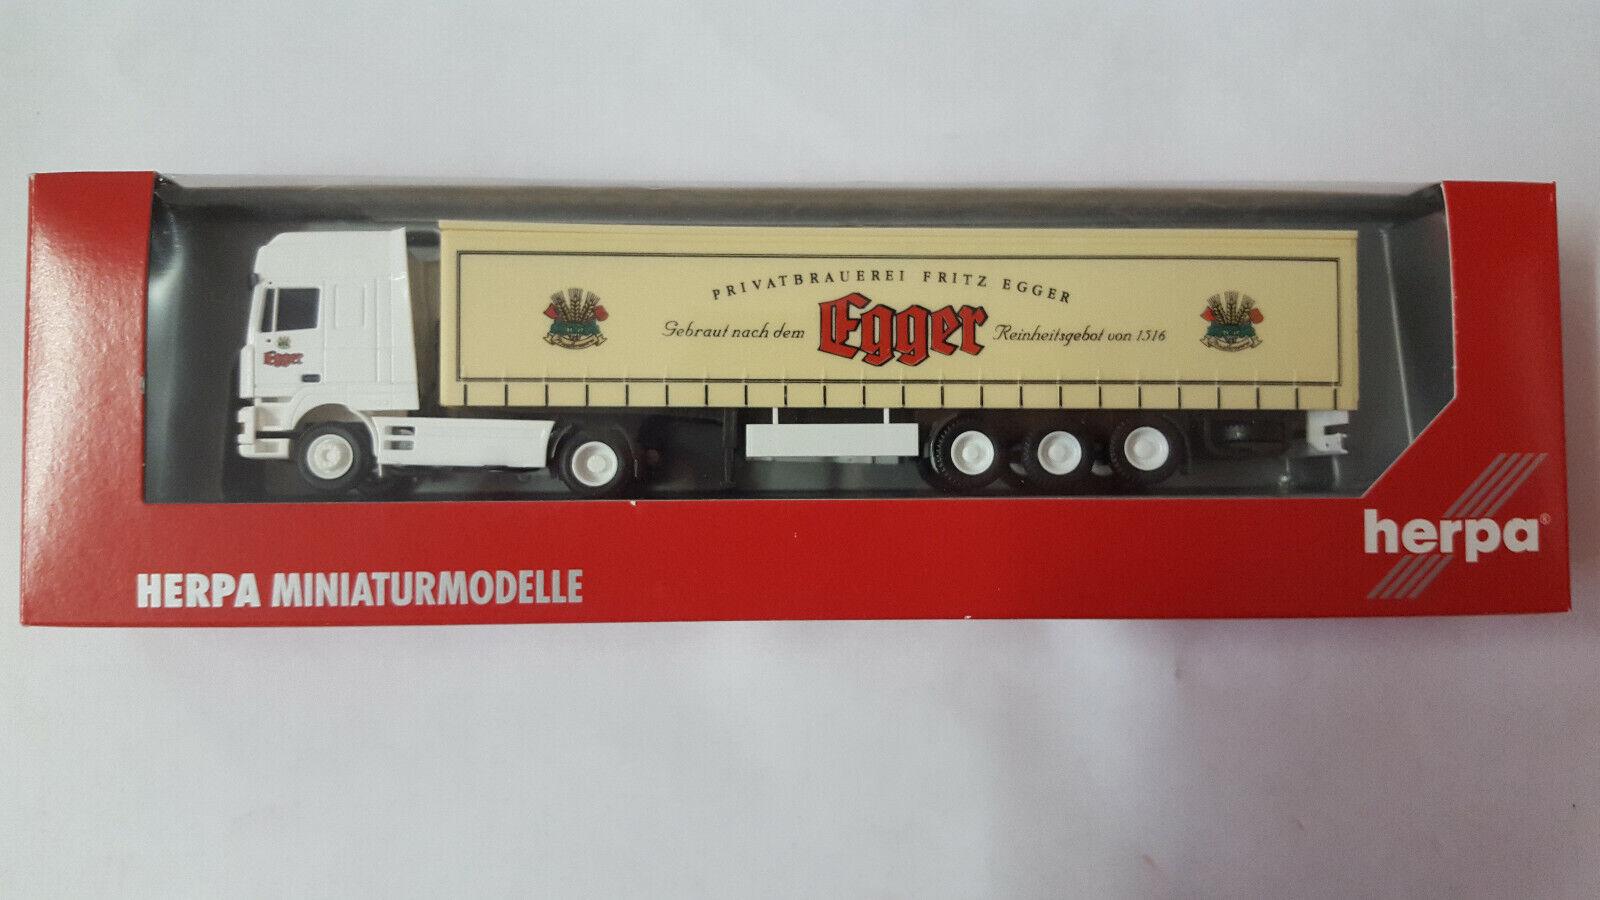 Herpa o AWM AWM AWM DAF gardineplanen remolcarse Egger cerveza Austria (a) 1 87 ec1ef3